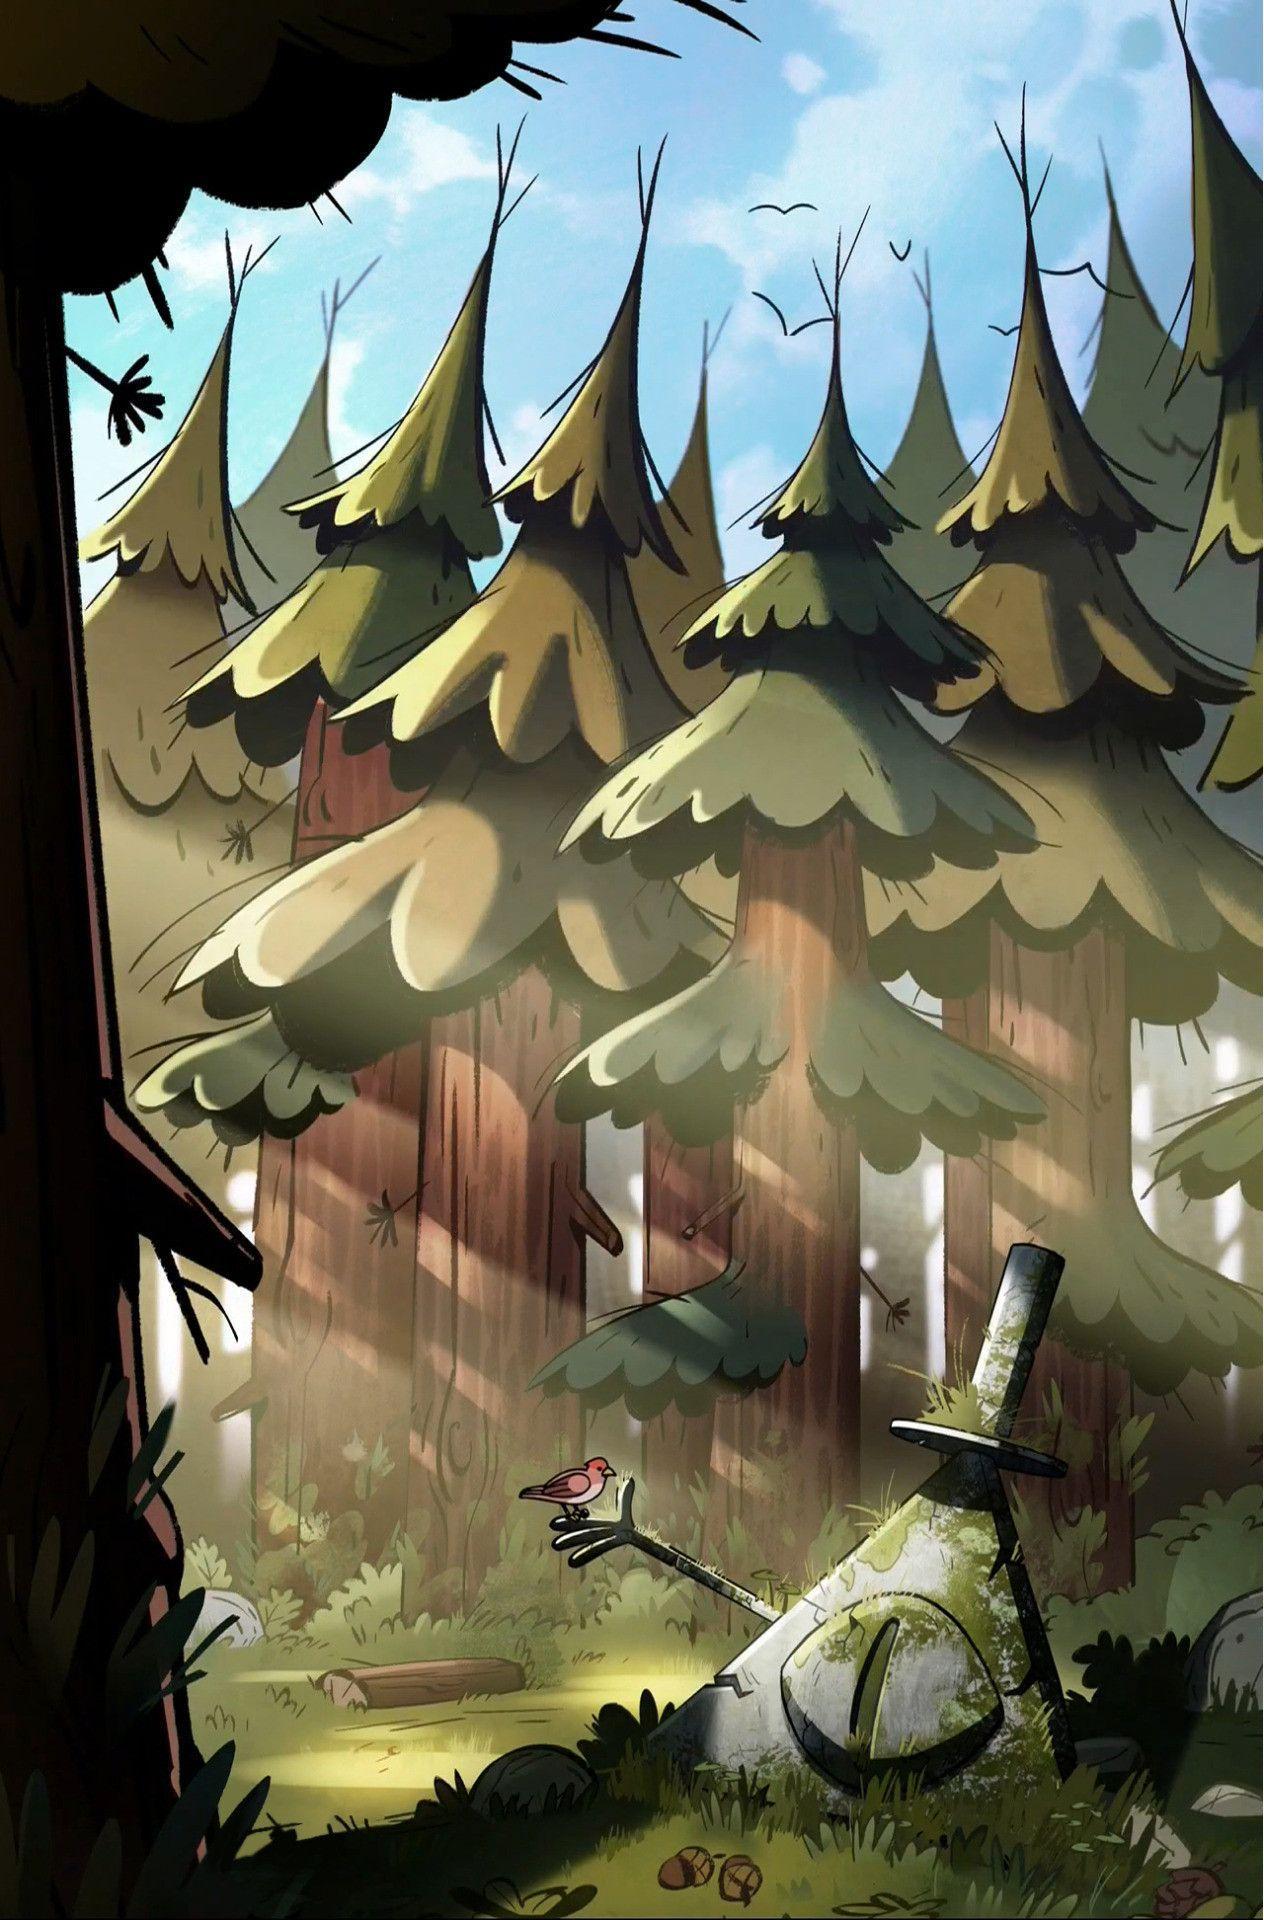 Gravity Falls Iphone Wallpapers Top Free Gravity Falls